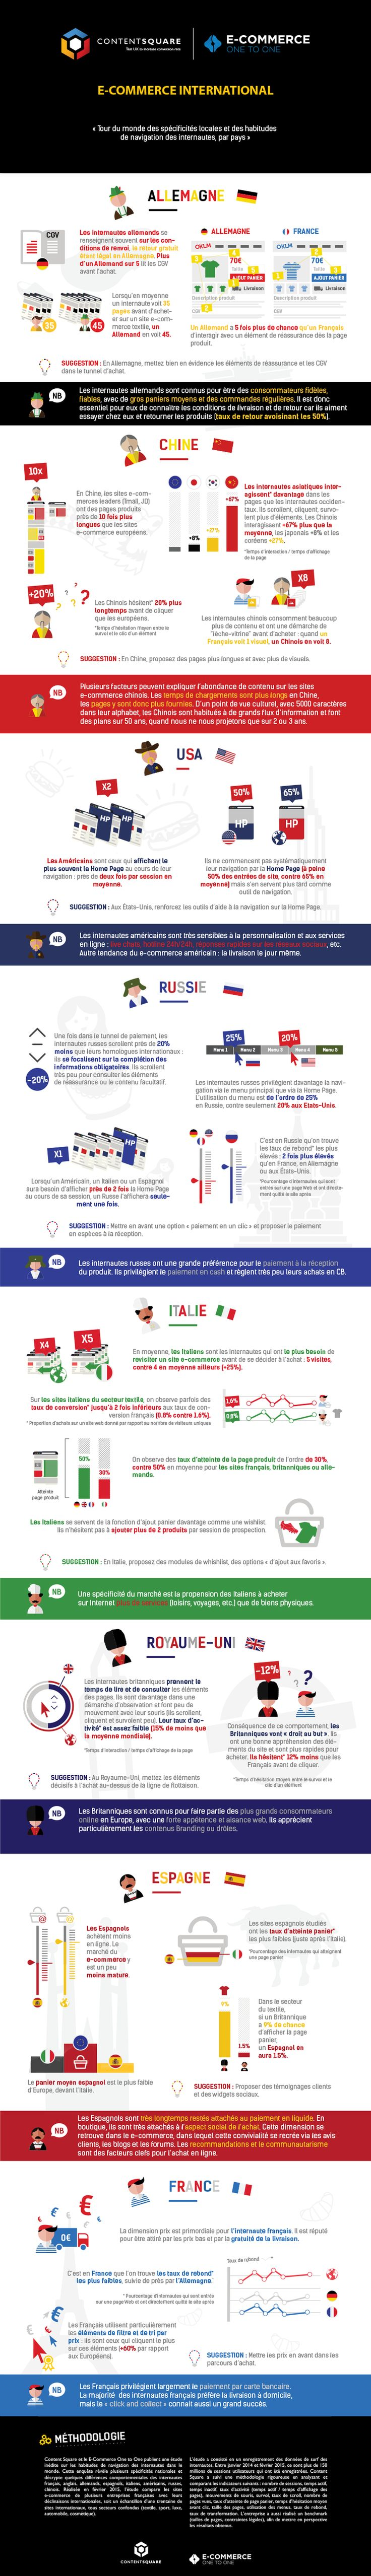 Habitudes d'achat en ligne dans huit grands marchés e-commerce #ecommerce #digital #international